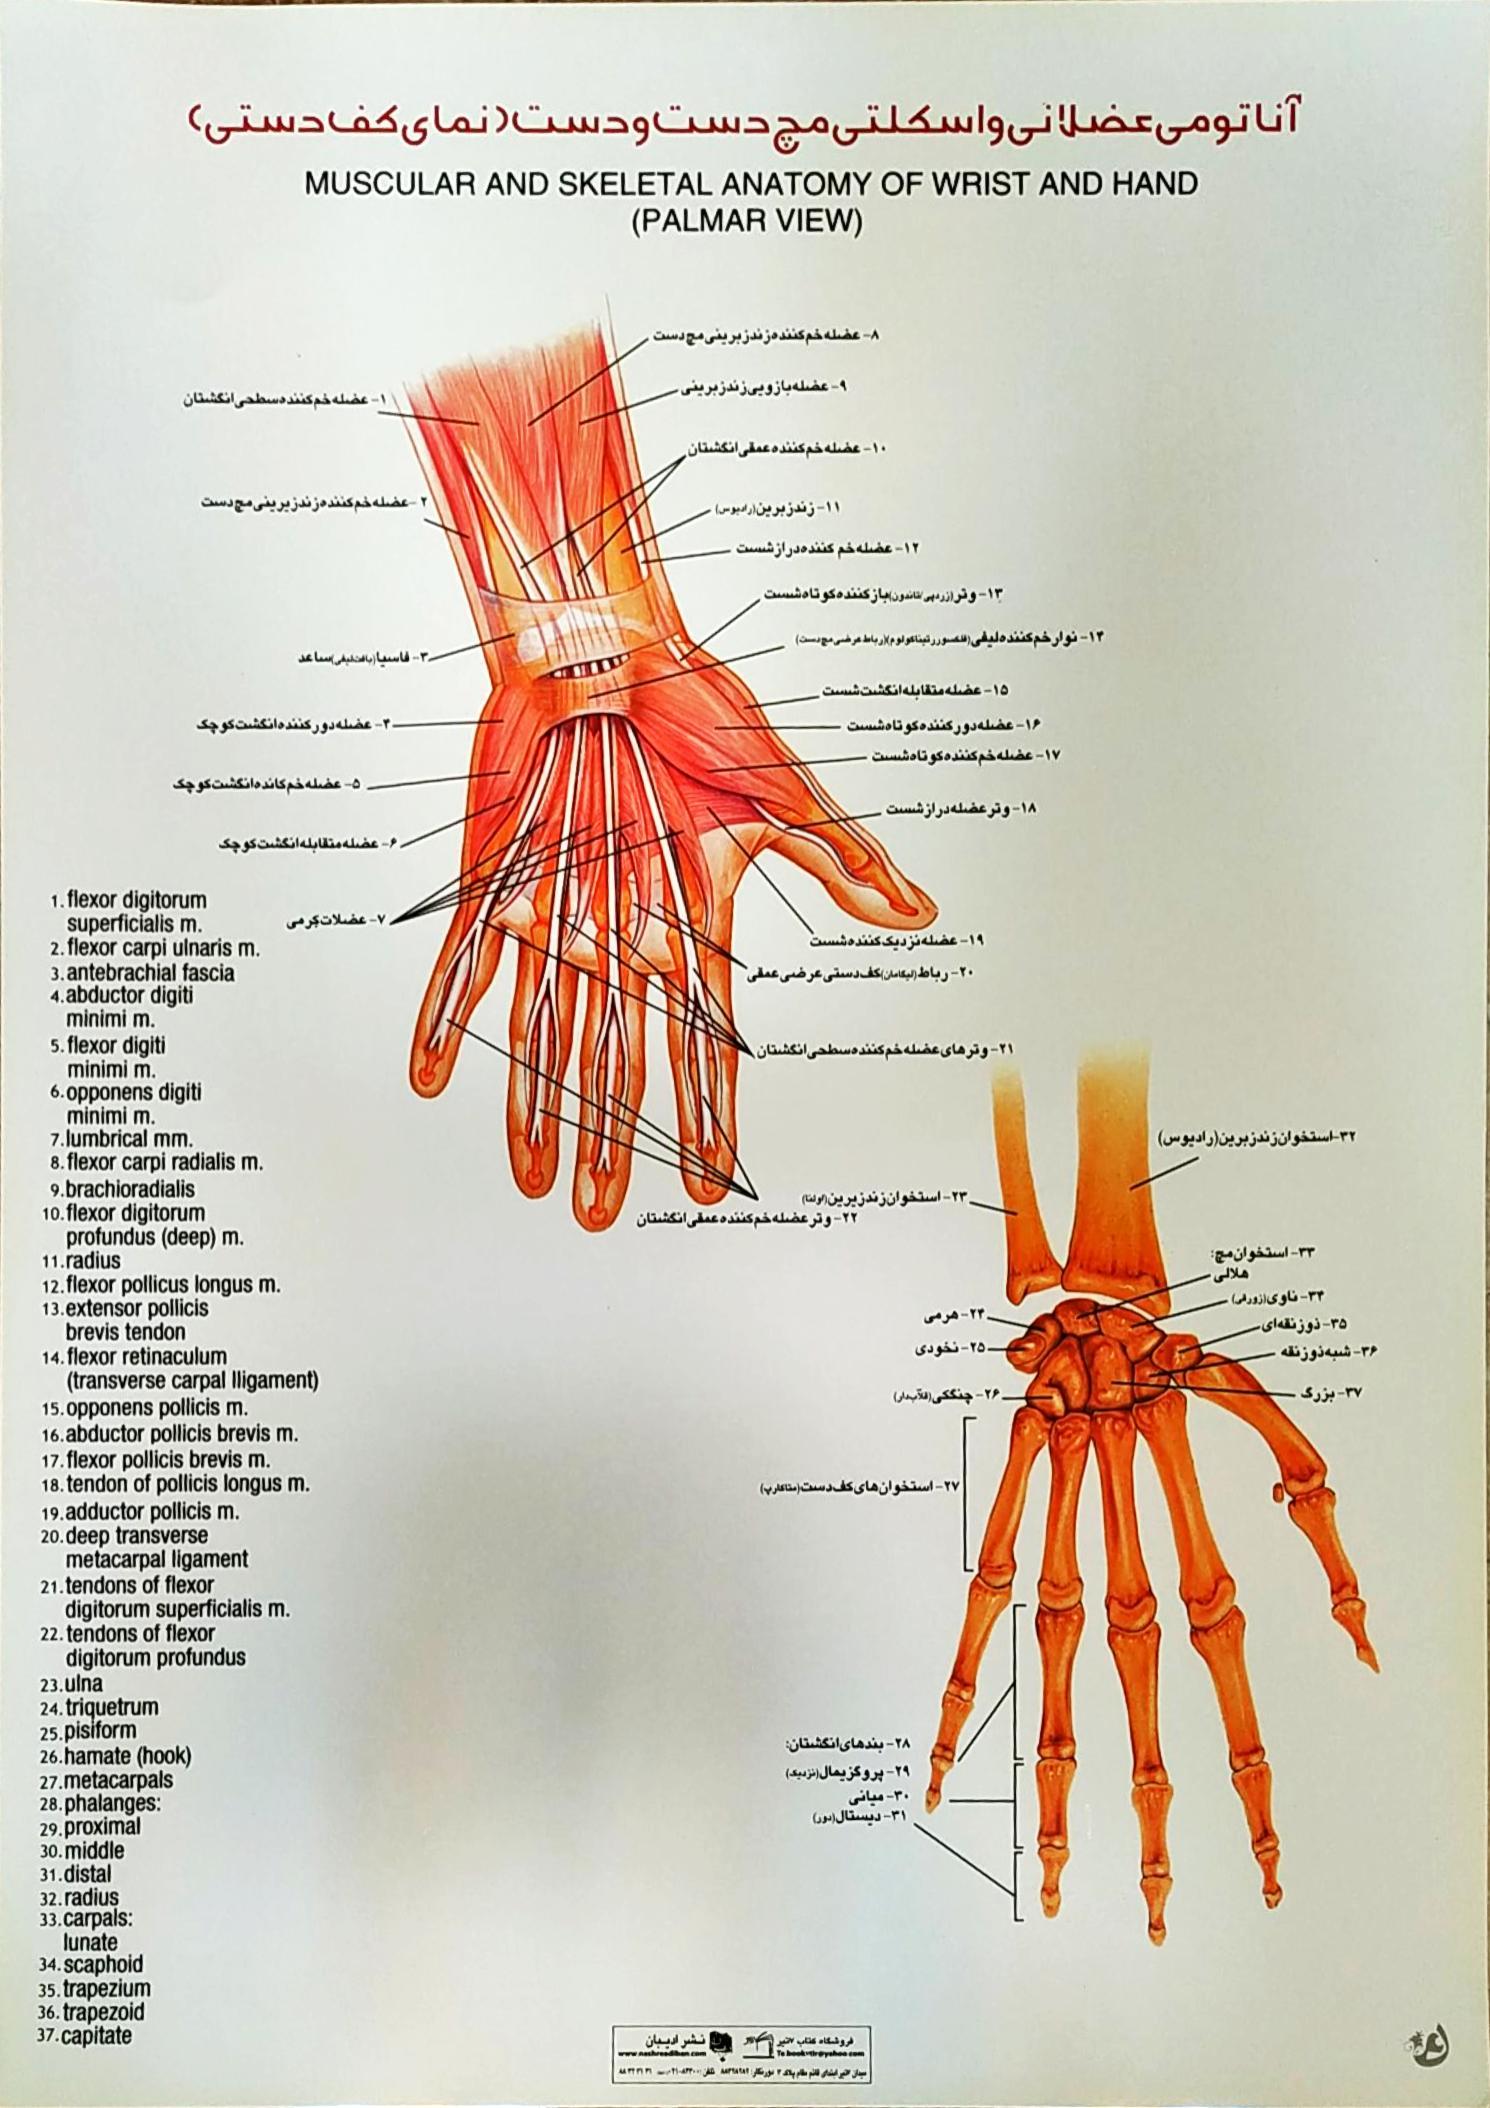 پوستر آناتومی عضلانی و اسکلتی مچ دست و دست (نمای کف دست)